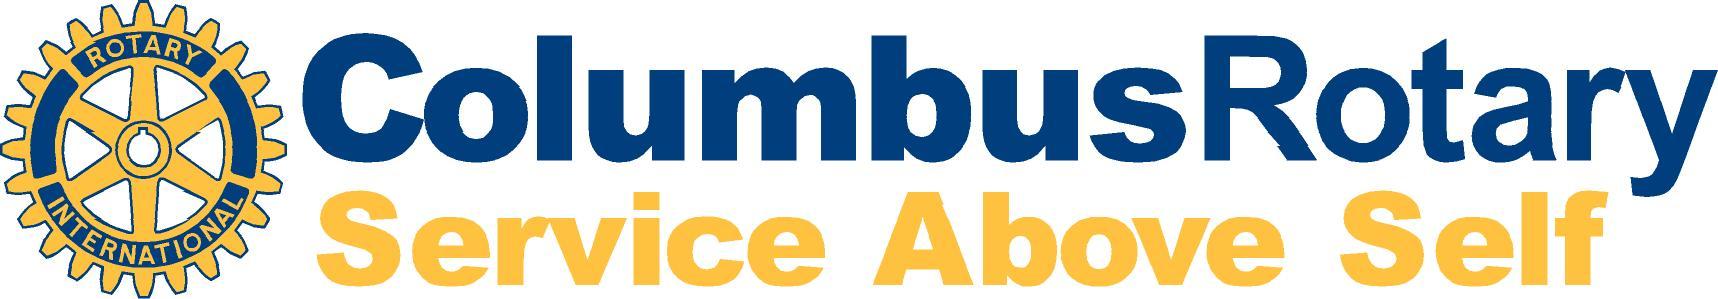 Columbus-Rotary.jpg